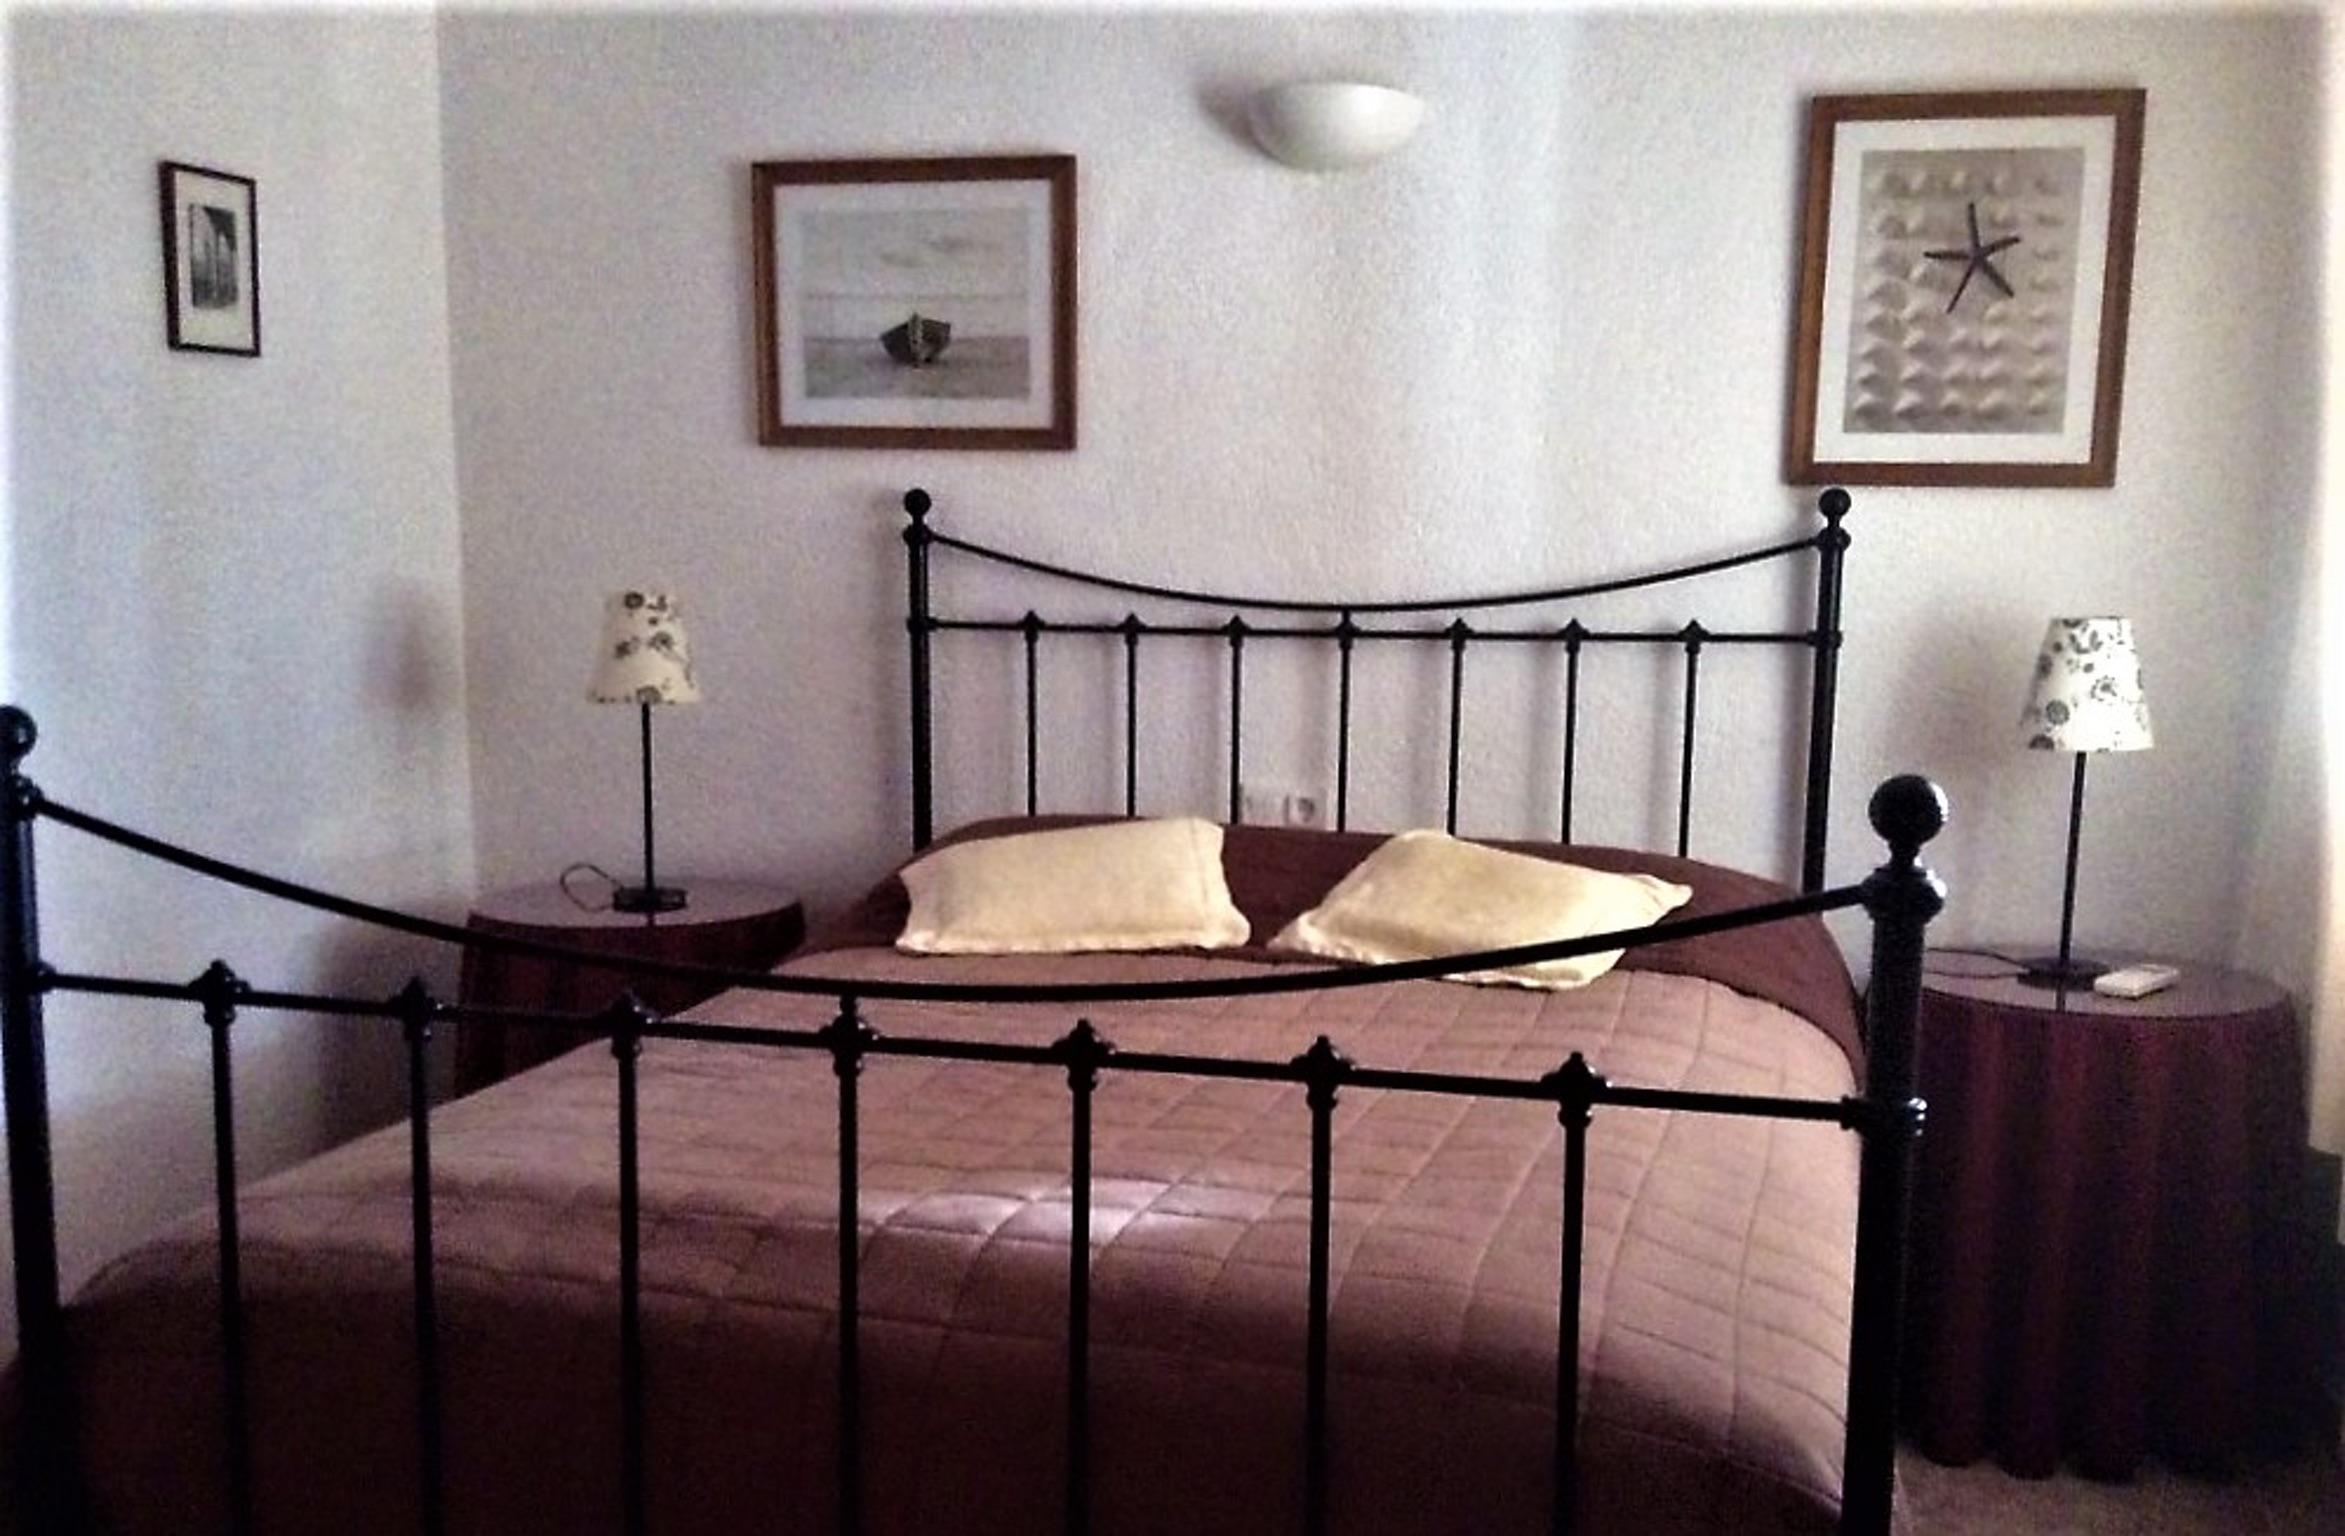 Ferienhaus Geräumige Villa mit fünf Schlafzimmer in Javea mit möblierter Terrasse, Pool und toller Au (2201168), Jávea, Costa Blanca, Valencia, Spanien, Bild 11